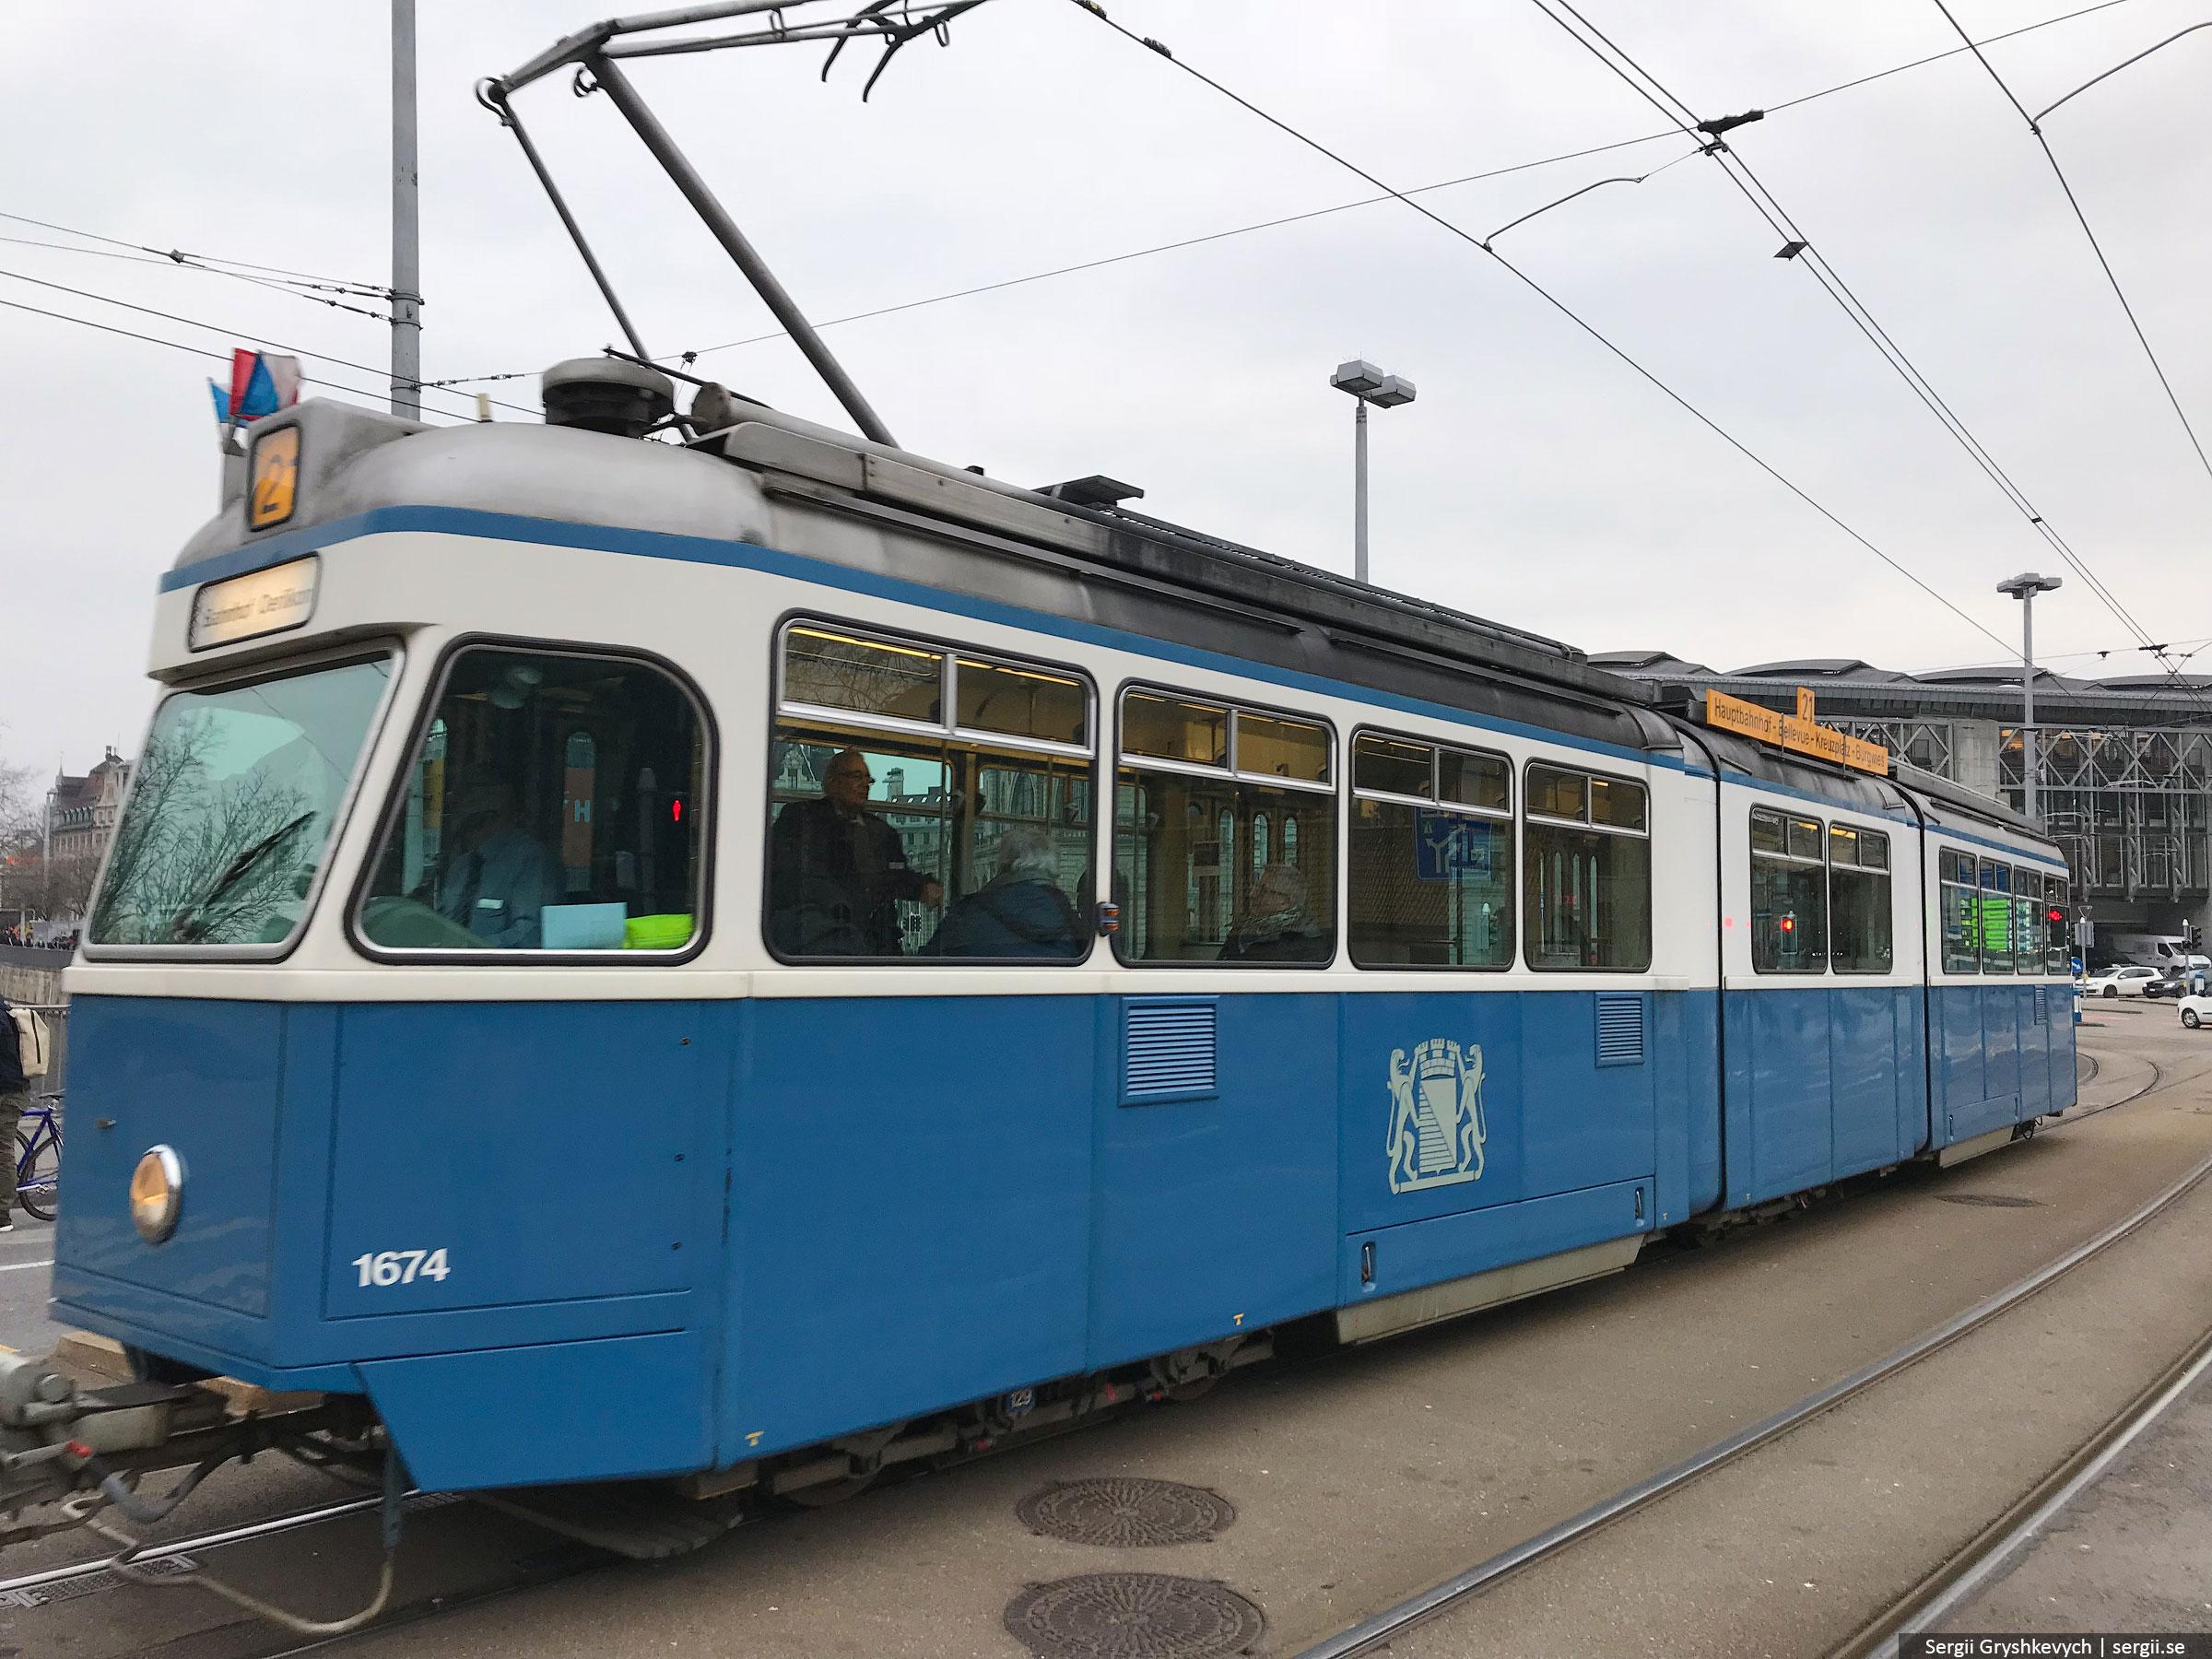 zurich-switzerland-29